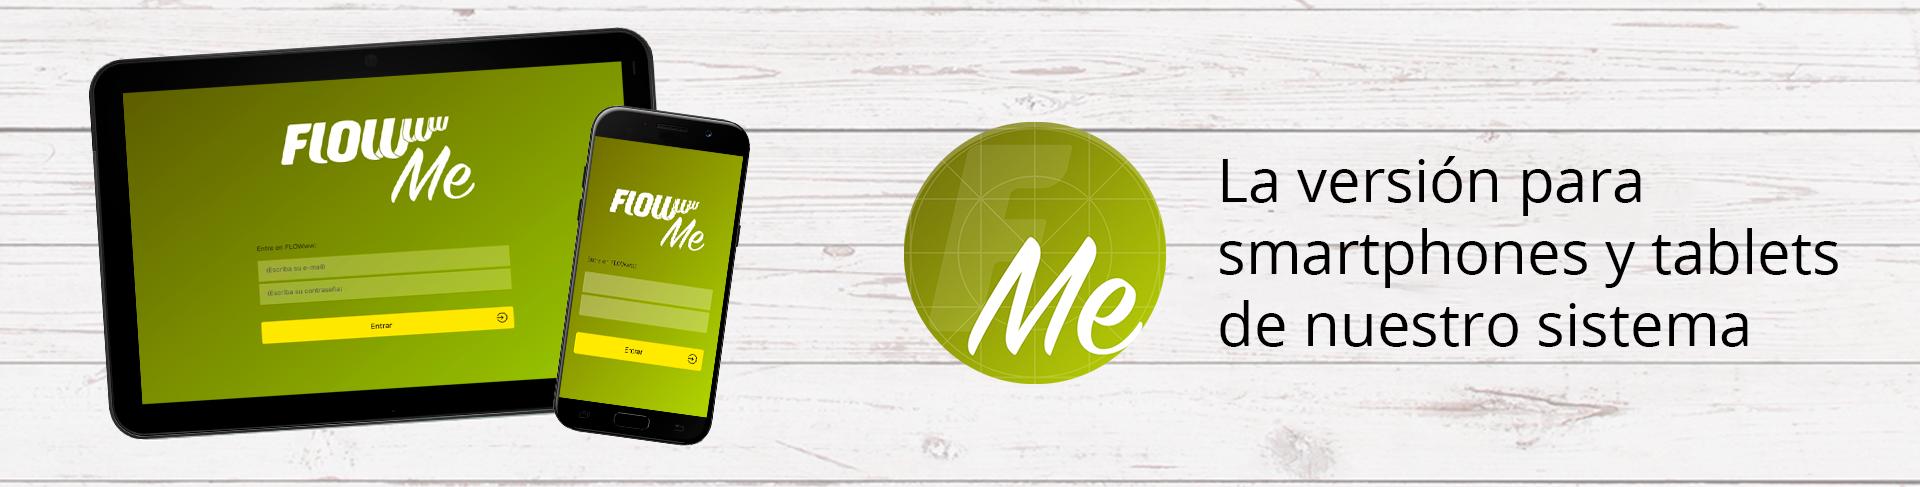 FLOWww me, App de gestión para estética y belleza